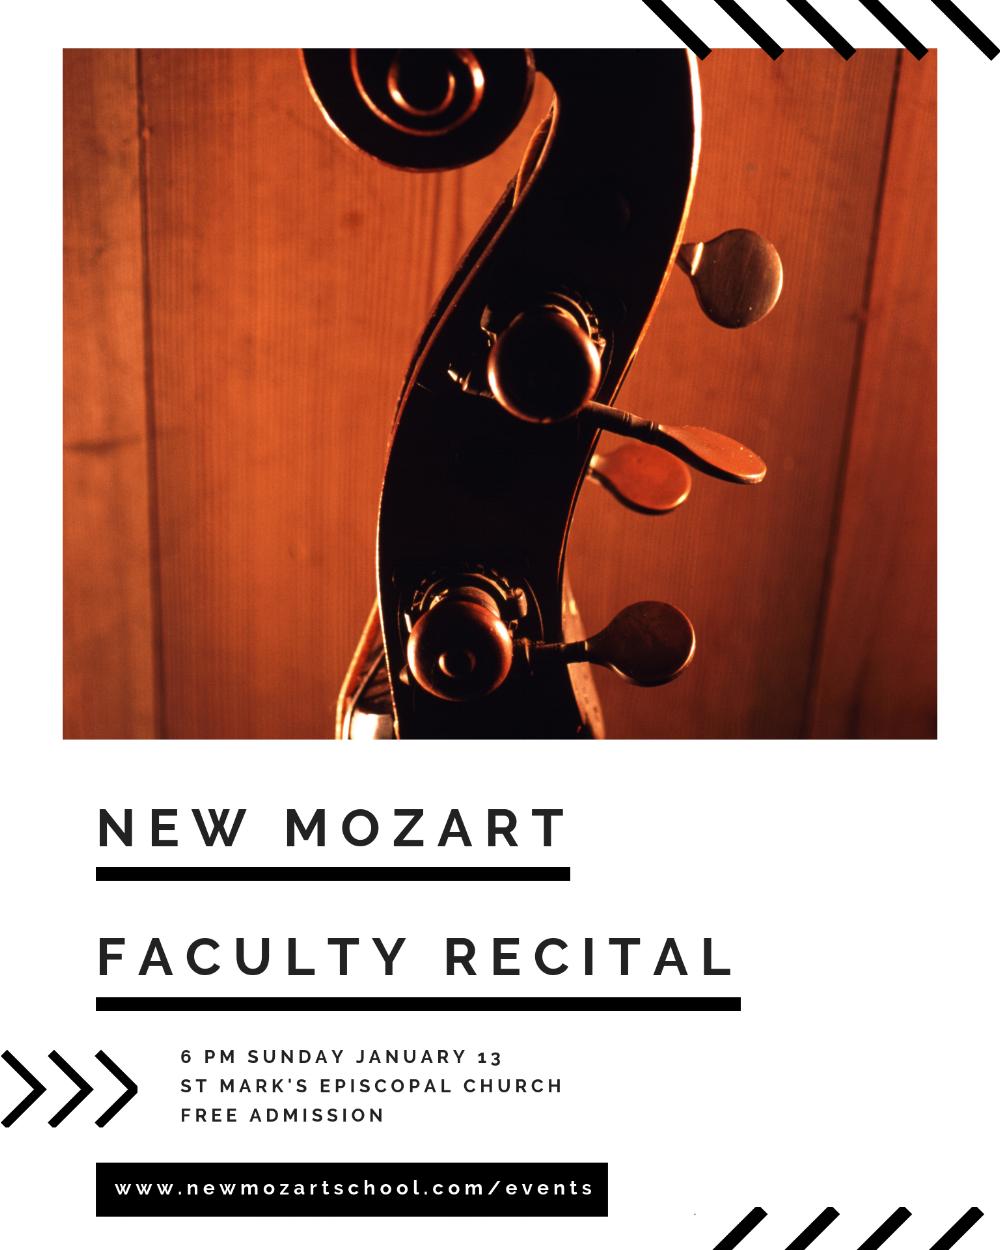 faculty.recital-jan.2019-new-mozart.png